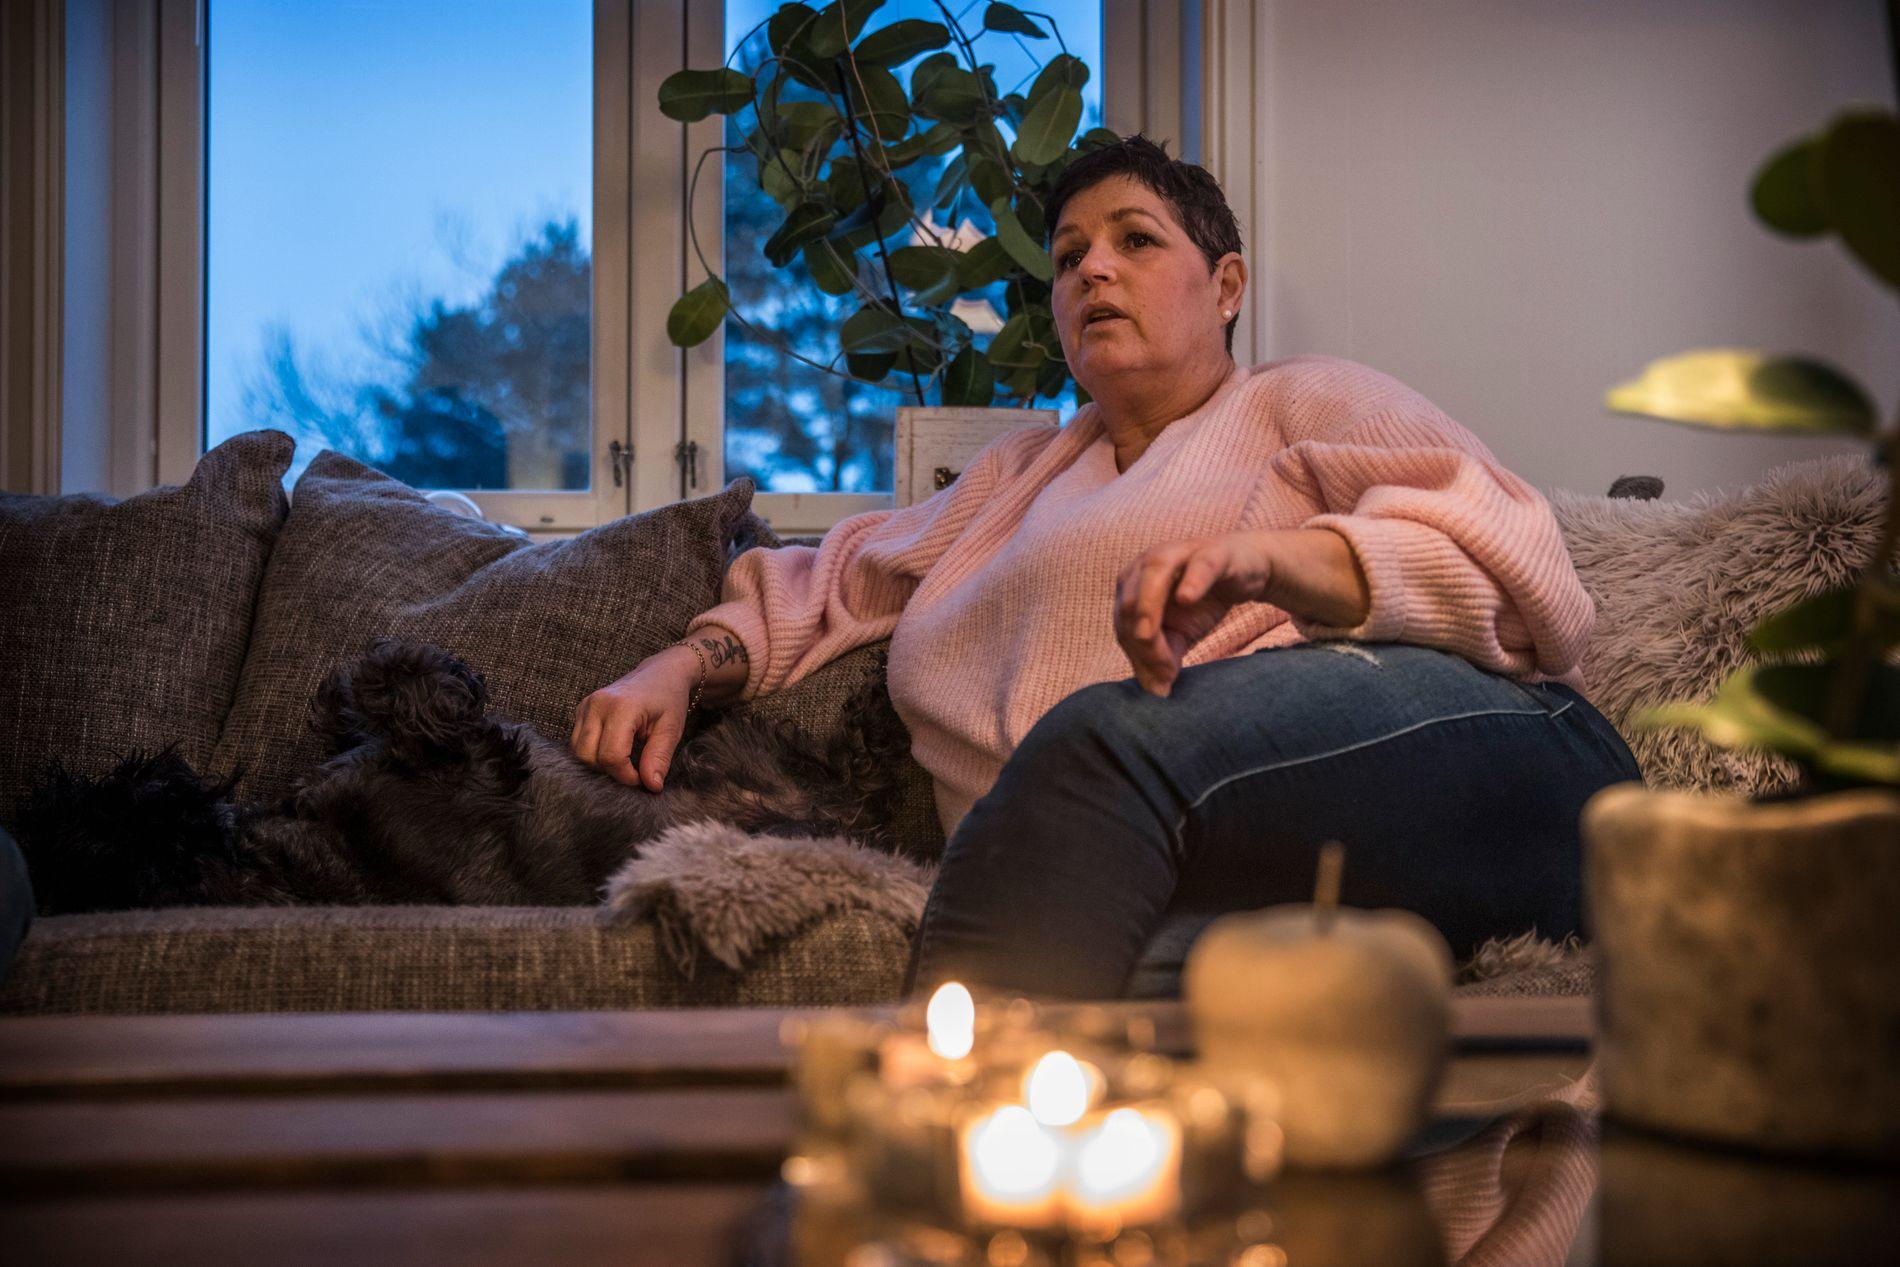 c24f12a2 FORTVILER: Nina Dehlin forteller at hun nå skrur av lyset tidlig, og legger  seg før klokken seks for å spare strøm. Foto: Mattis Sandblad/VG